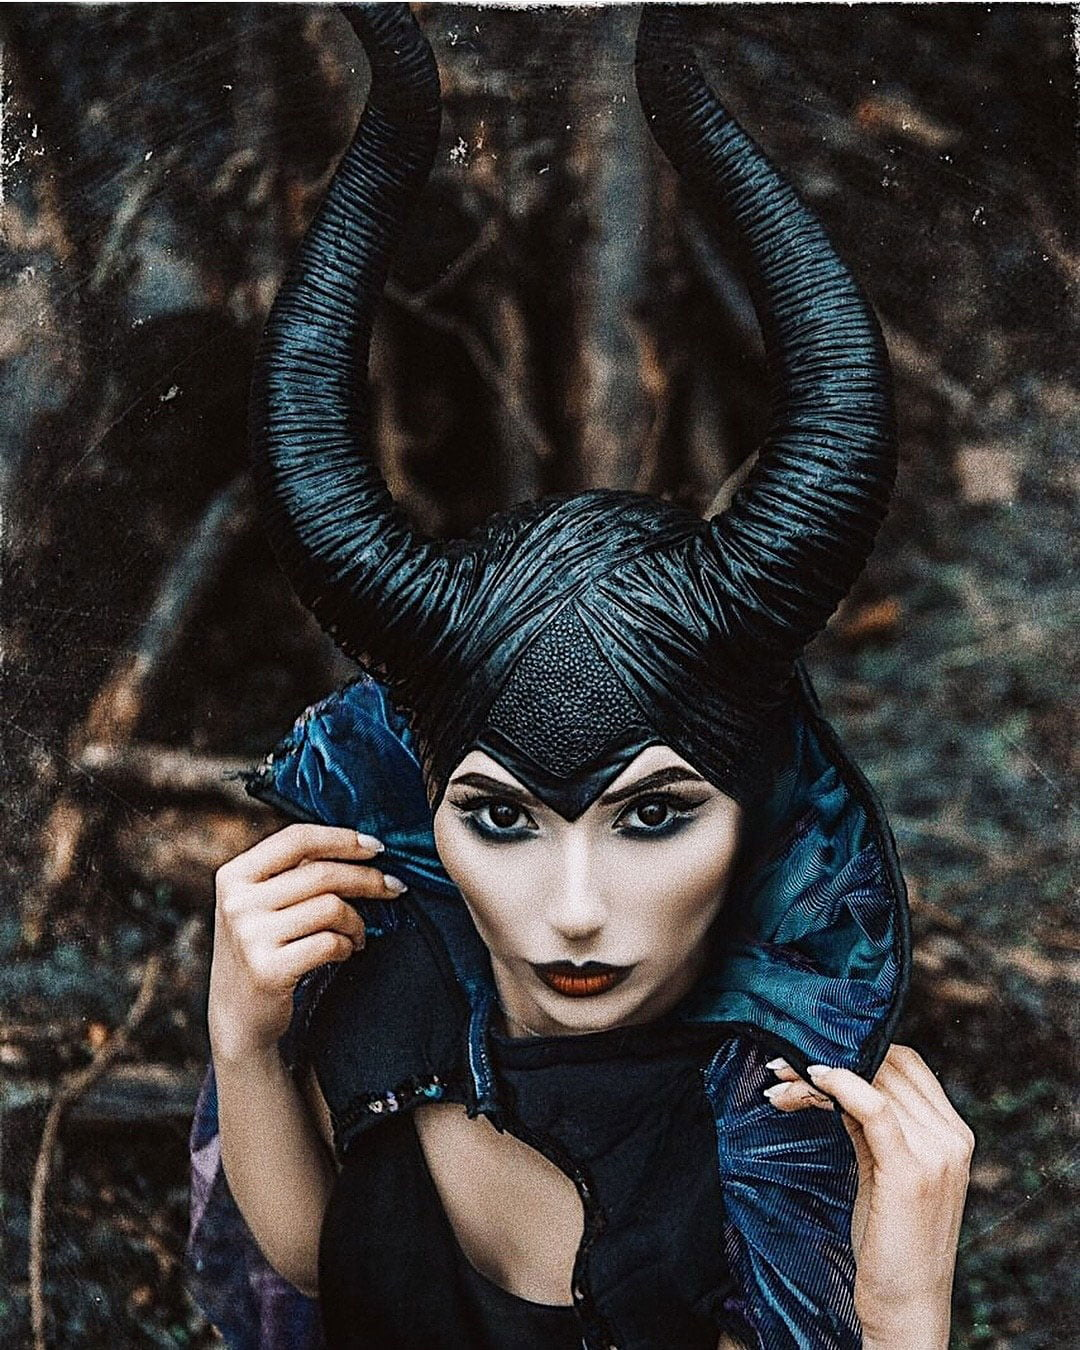 halloween costume ideas 24 2